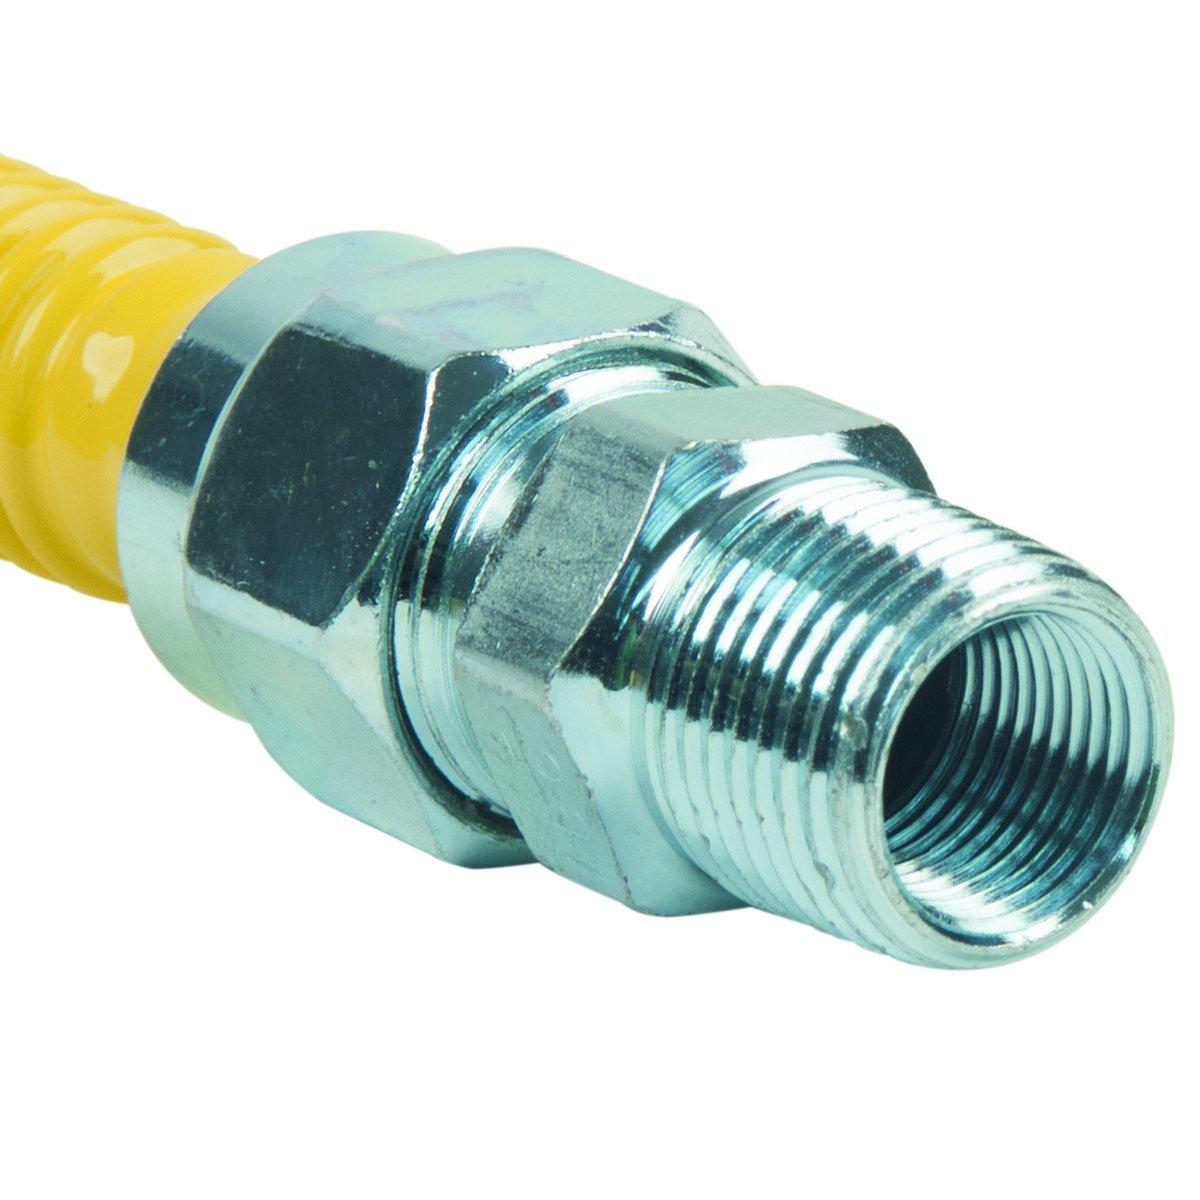 BrassCraft CSSC14-48 P 3//4-Inch MIP x 1//2-Inch MIP x 48-Inch ProCoat Gas Appliance Connector 5//8-Inch OD 106,000 BTU BrassCraft Mfg